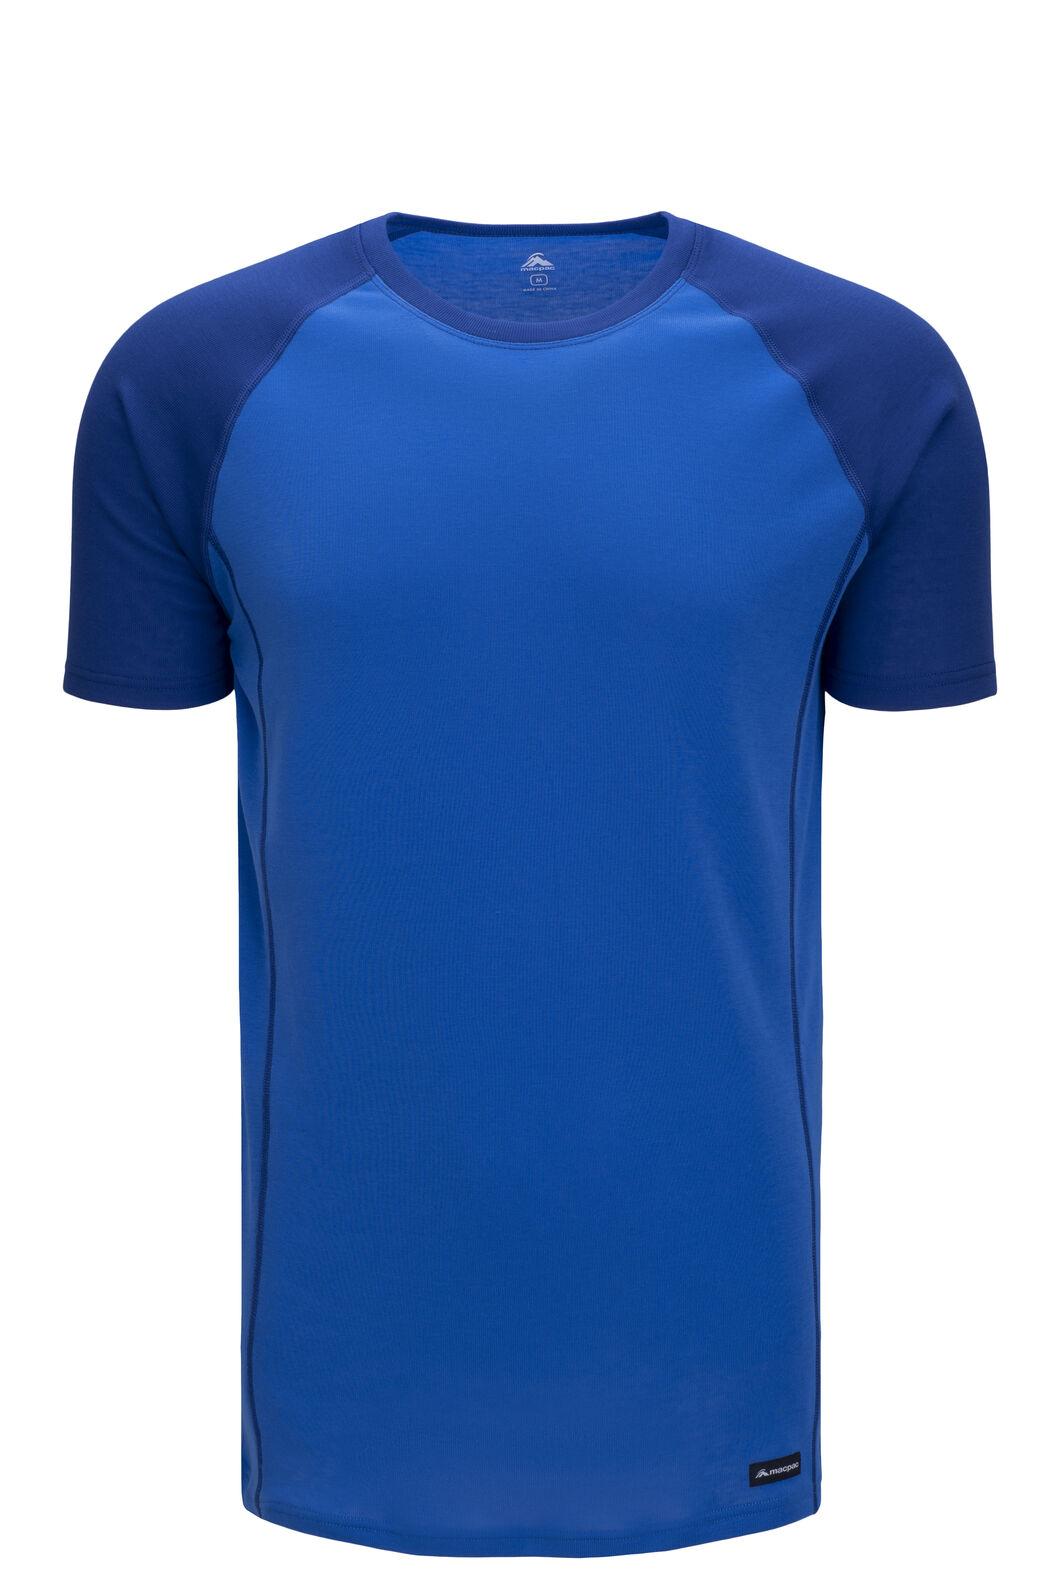 Macpac Geothermal Short Sleeve Tee — Men's, Sodalite Blue/Strong Blue, hi-res